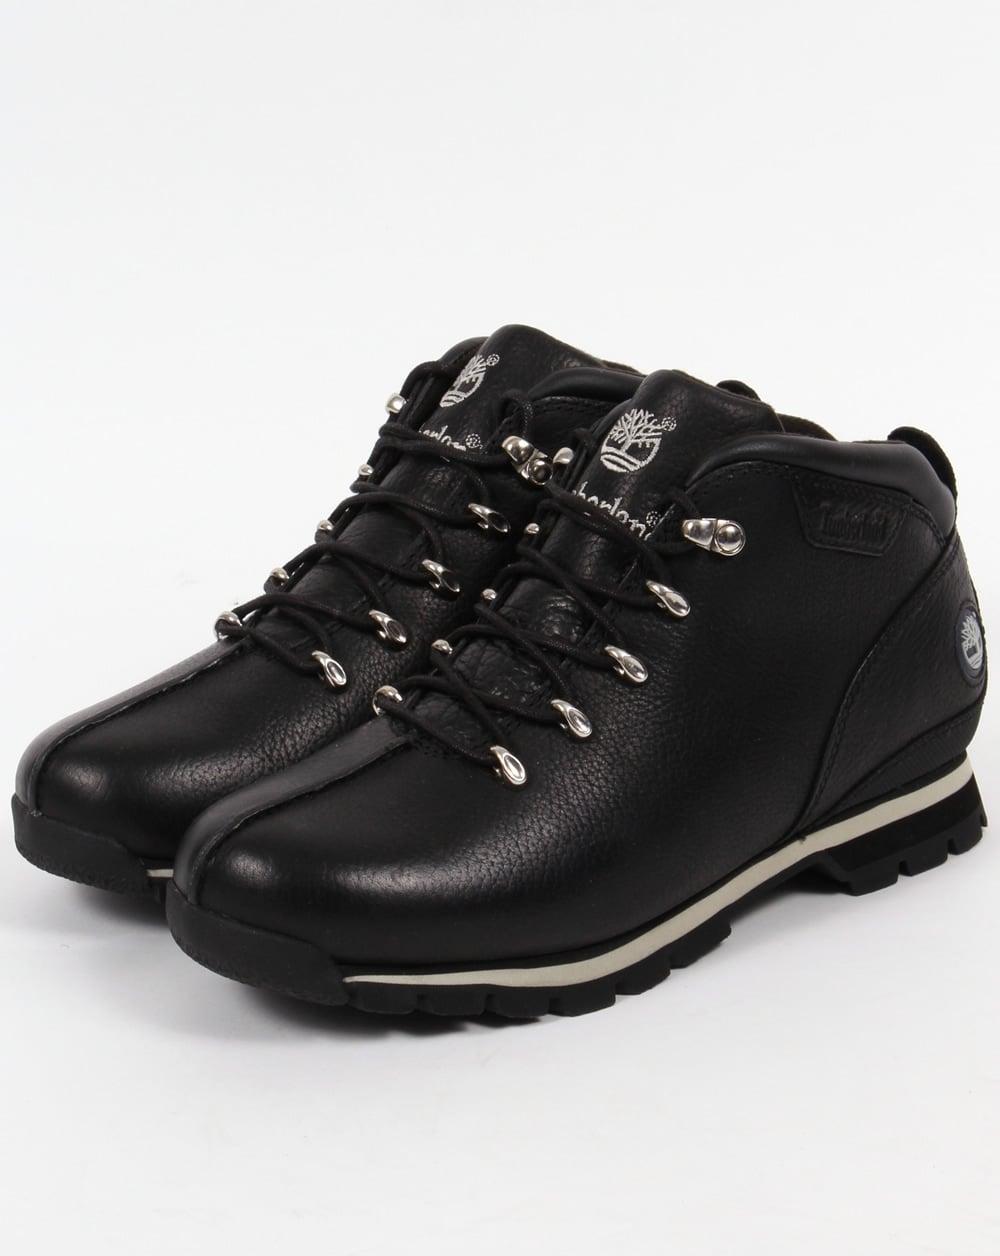 timberland splitrock hiker boots black pro shoes. Black Bedroom Furniture Sets. Home Design Ideas